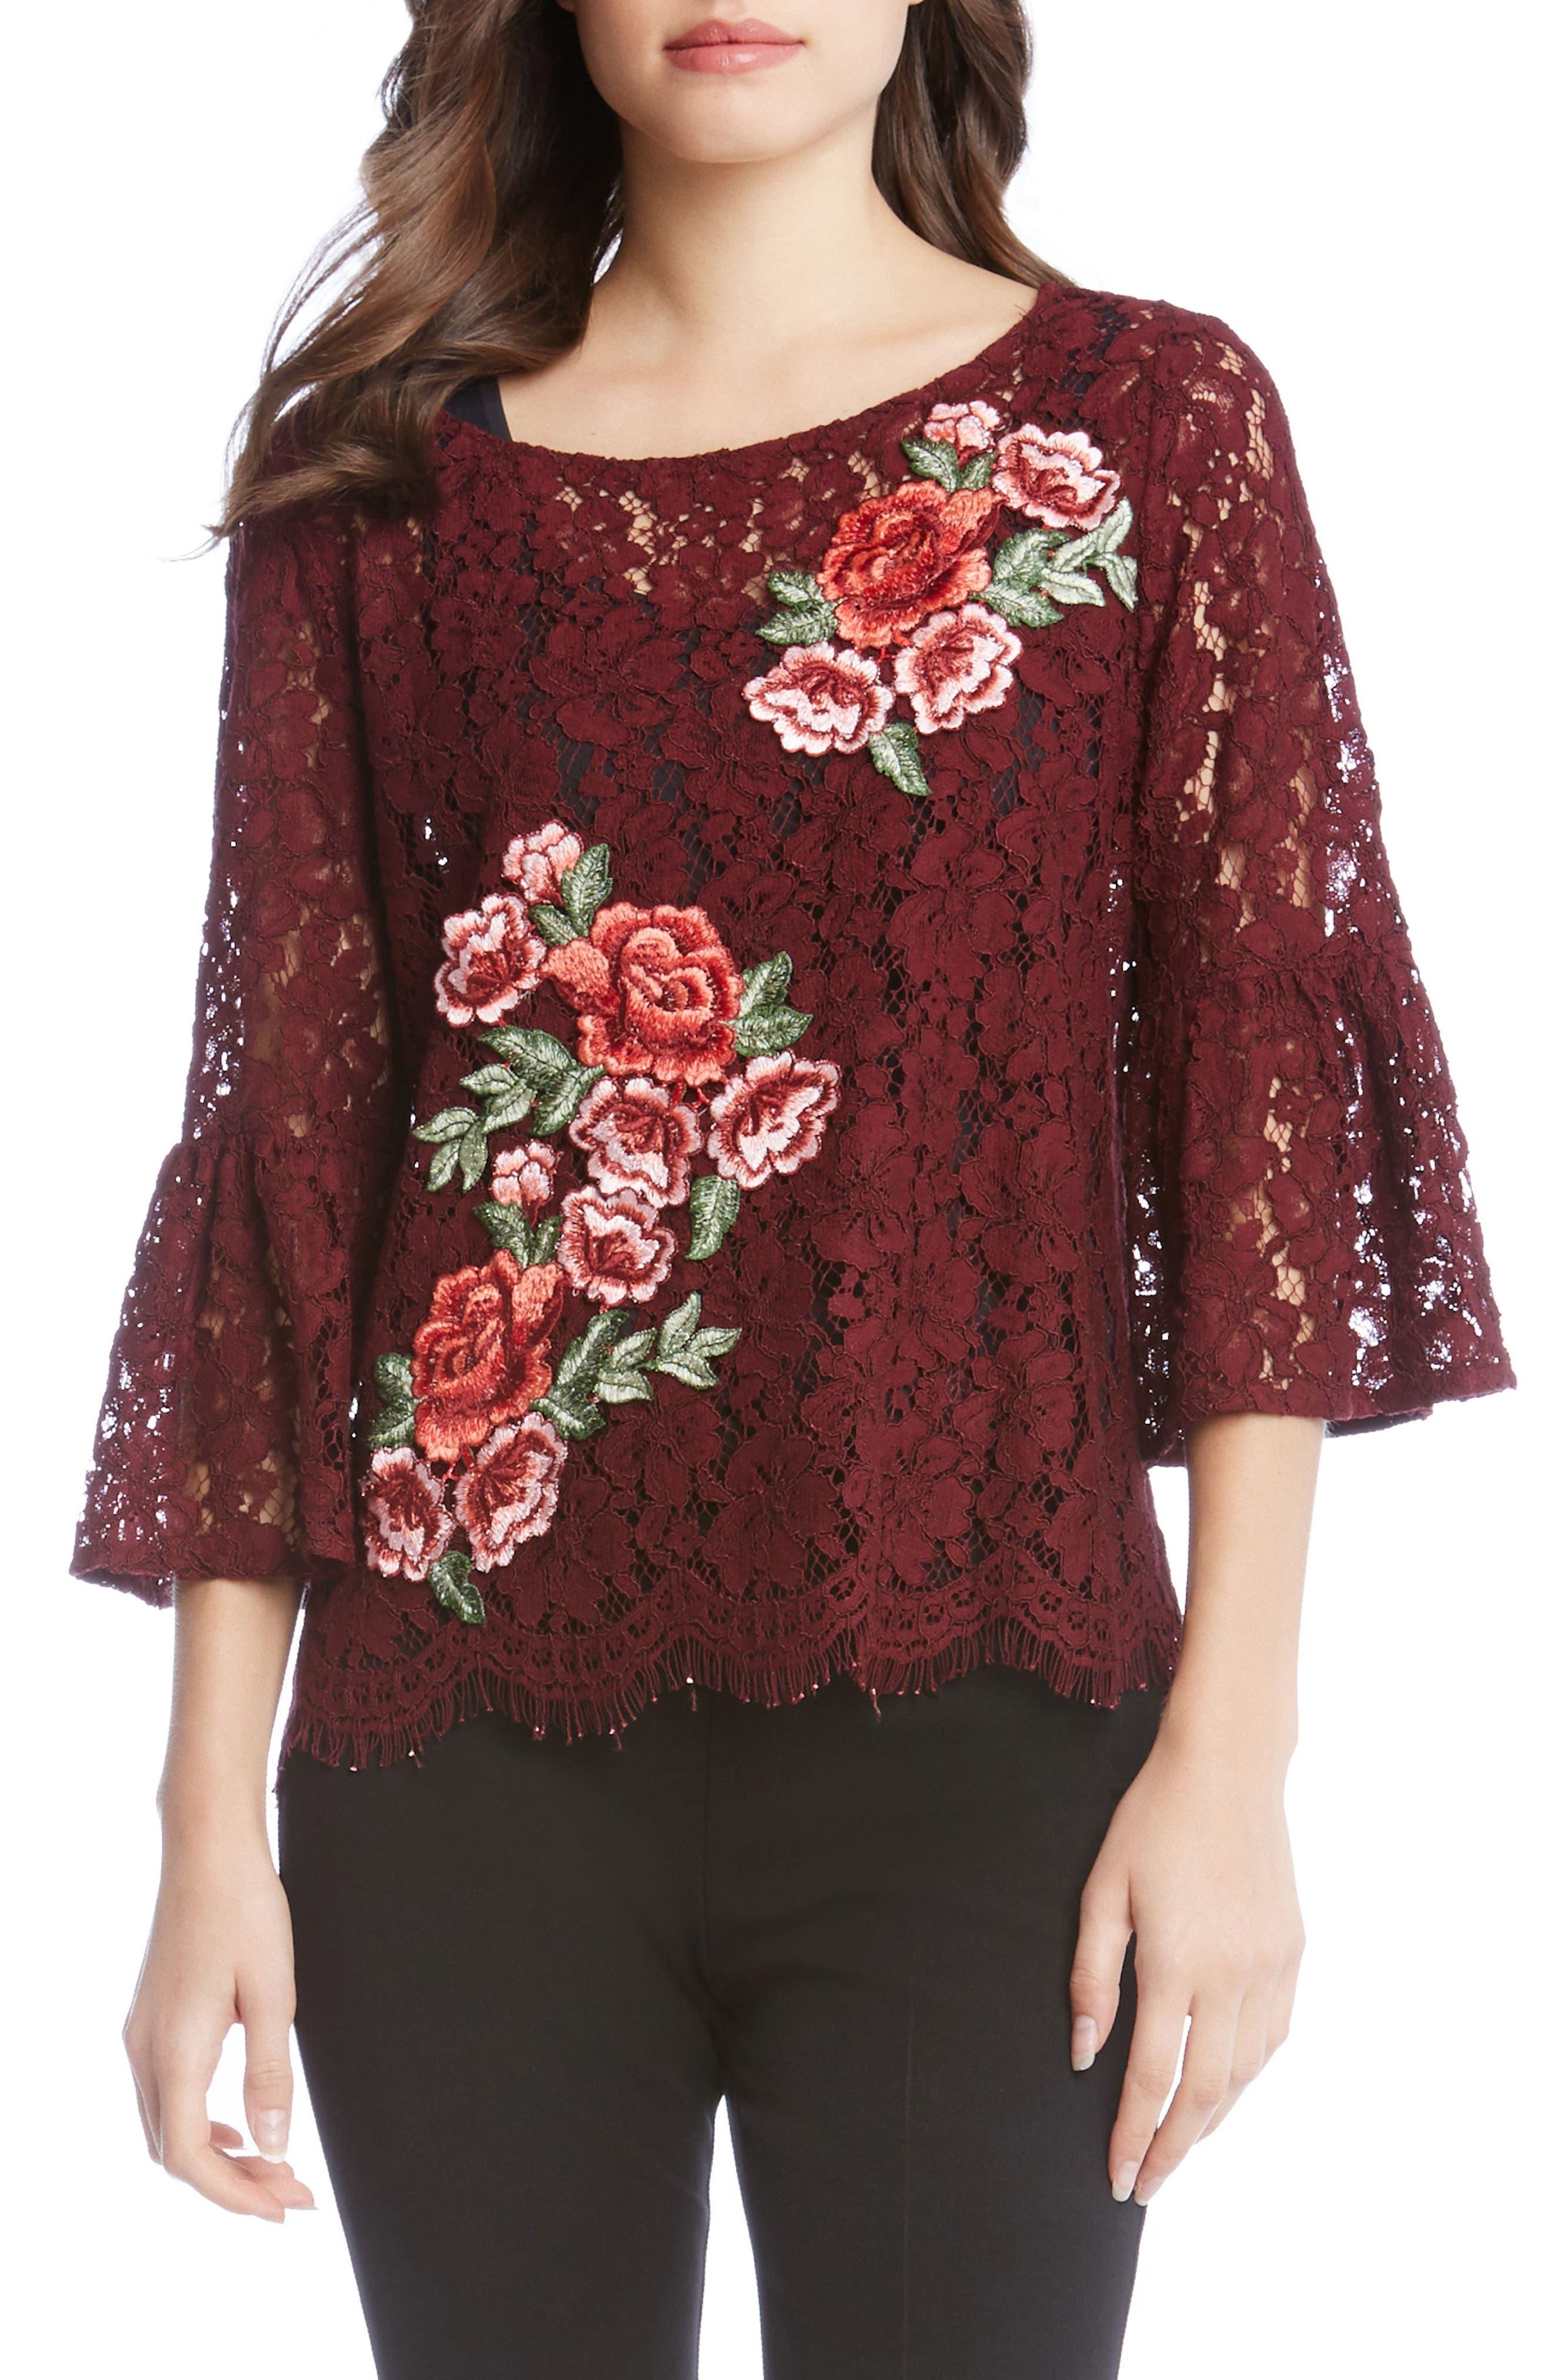 Alternate Image 1 Selected - Karen Kane Lace Embellished Bell Sleeve Top